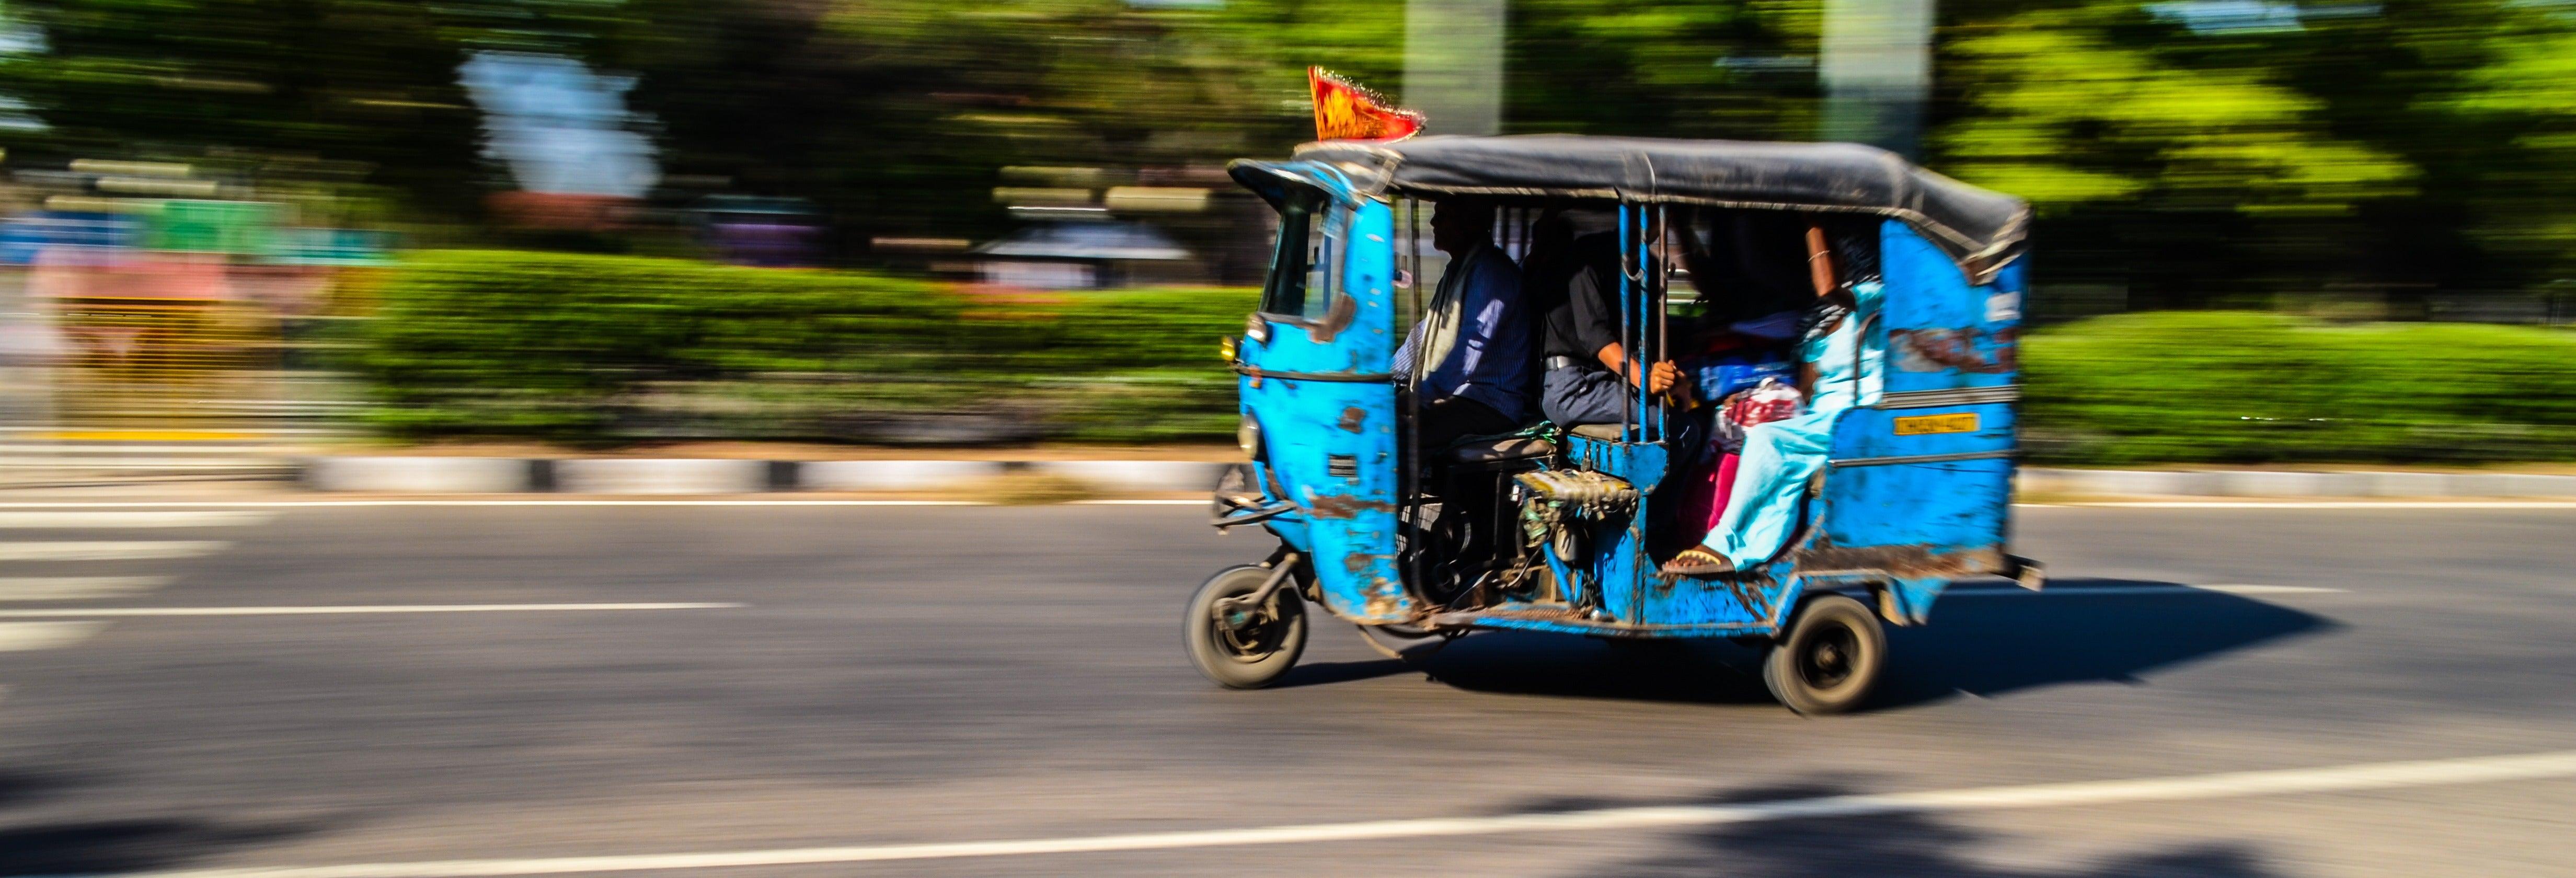 Visite en tuk-tuk des musées de Chandigarh